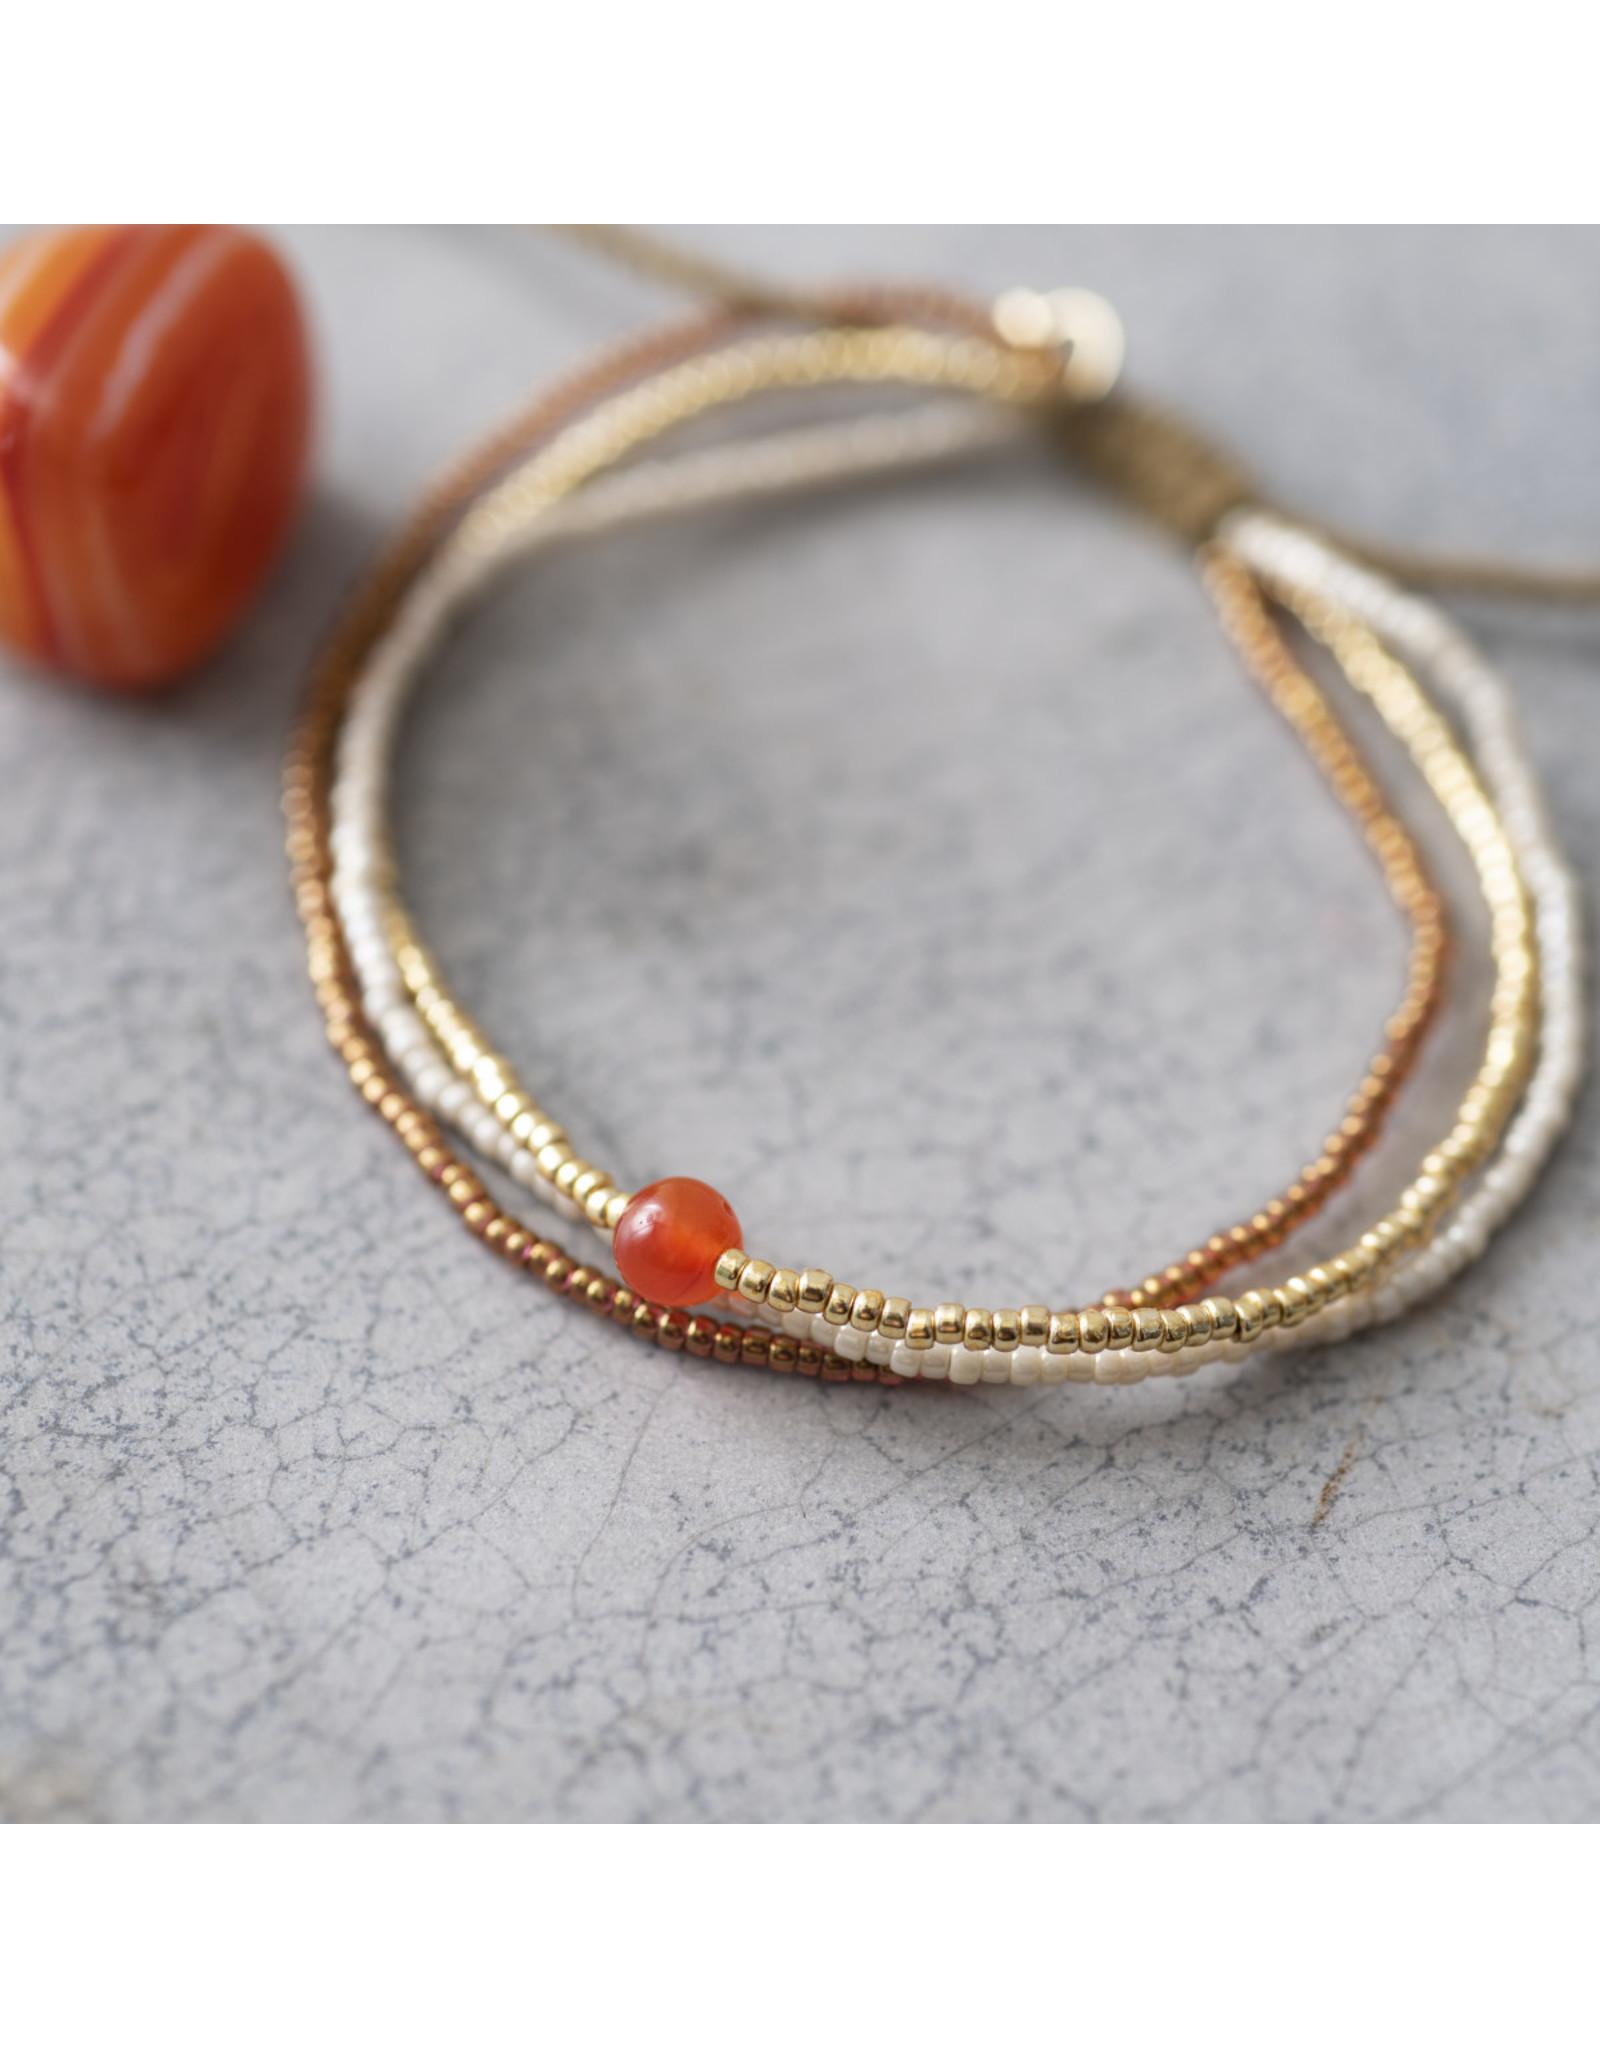 A beautiful Story Bloom Carnelian Gold Bracelet